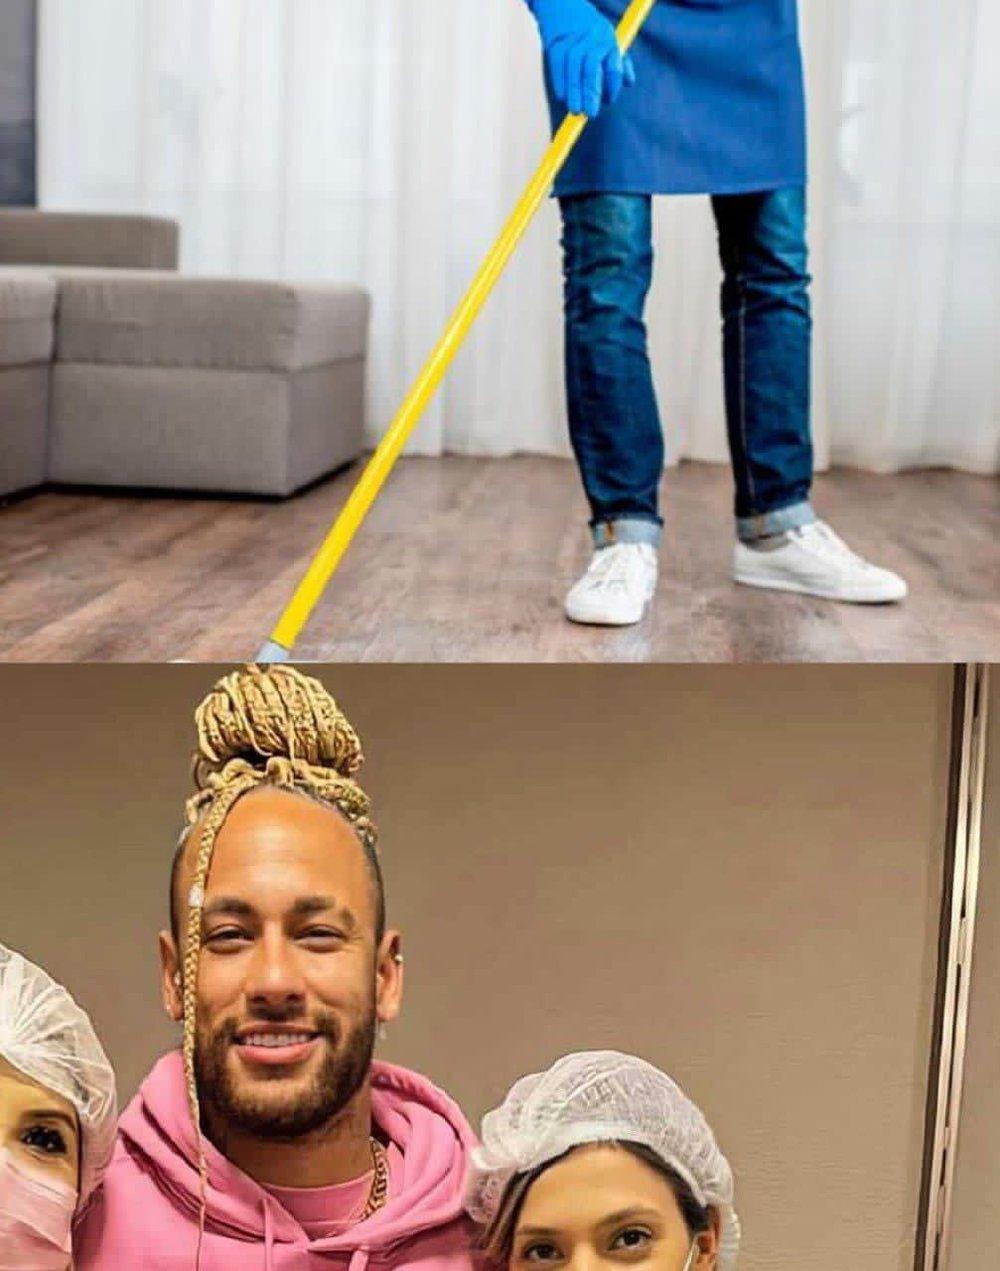 Sau thất bại cay đắng trước Messi và tuyển Argentina, Neymar xuất hiện trở lại với mái tóc... giẻ lau nhà! - Ảnh 4.